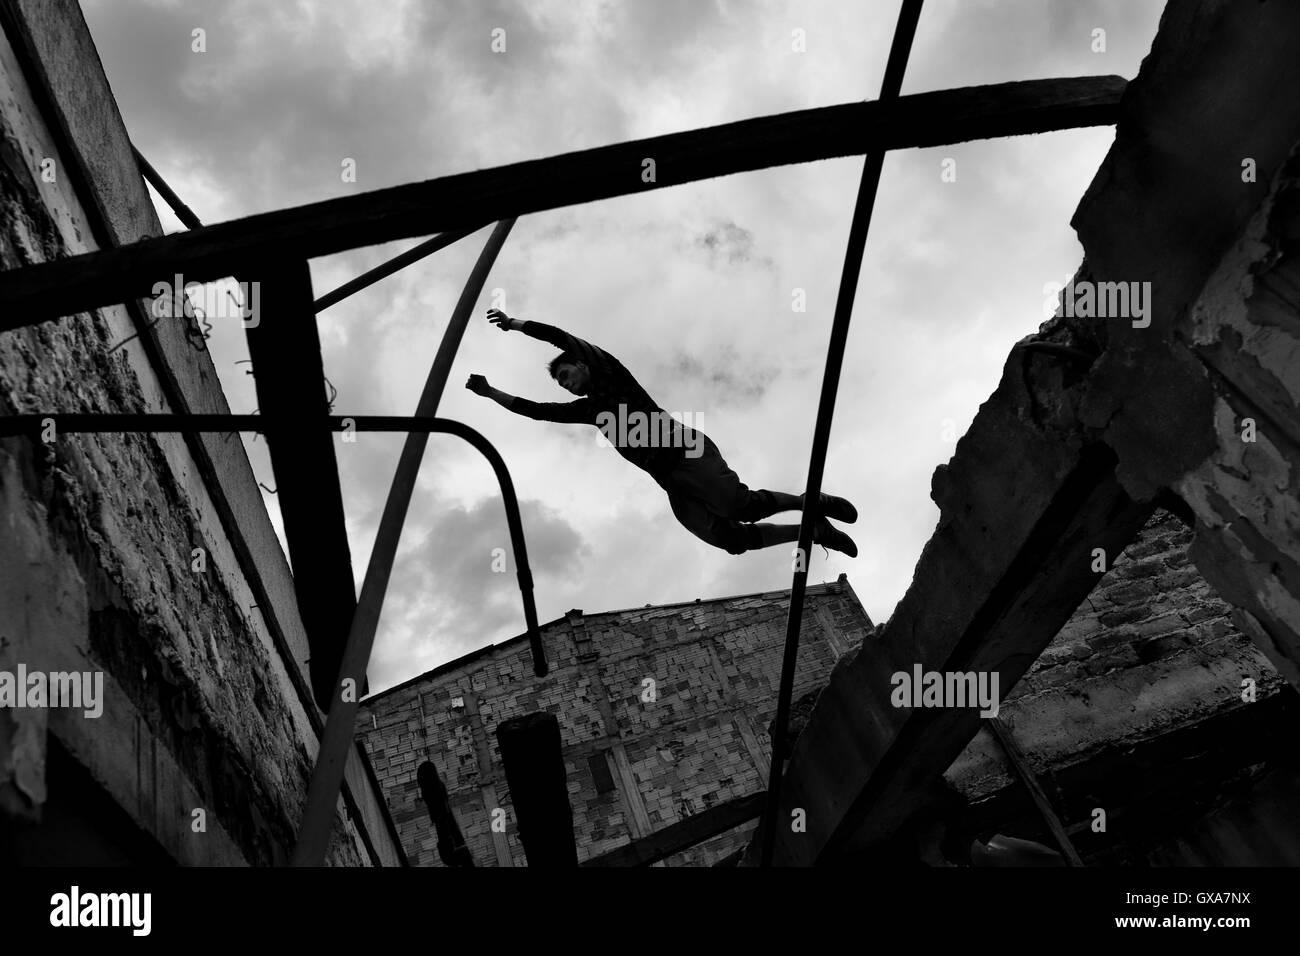 Un colombiano parkour runner salta por encima de un espacio interior de una casa abandonada durante free running Foto de stock